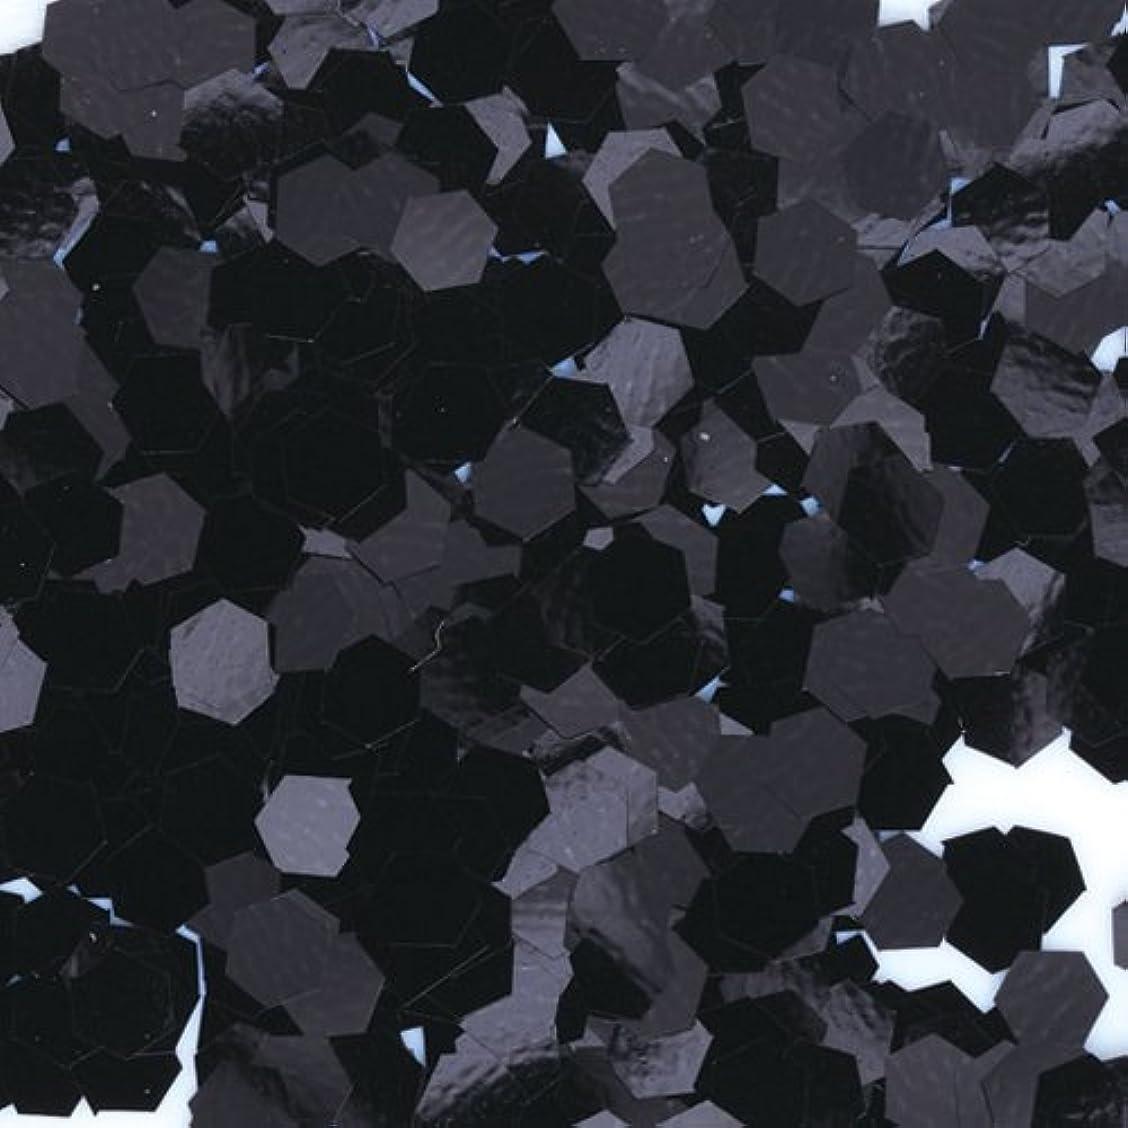 メイト復讐人種ピカエース ネイル用パウダー 六角カラー 1mm #452 ブラック 0.5g